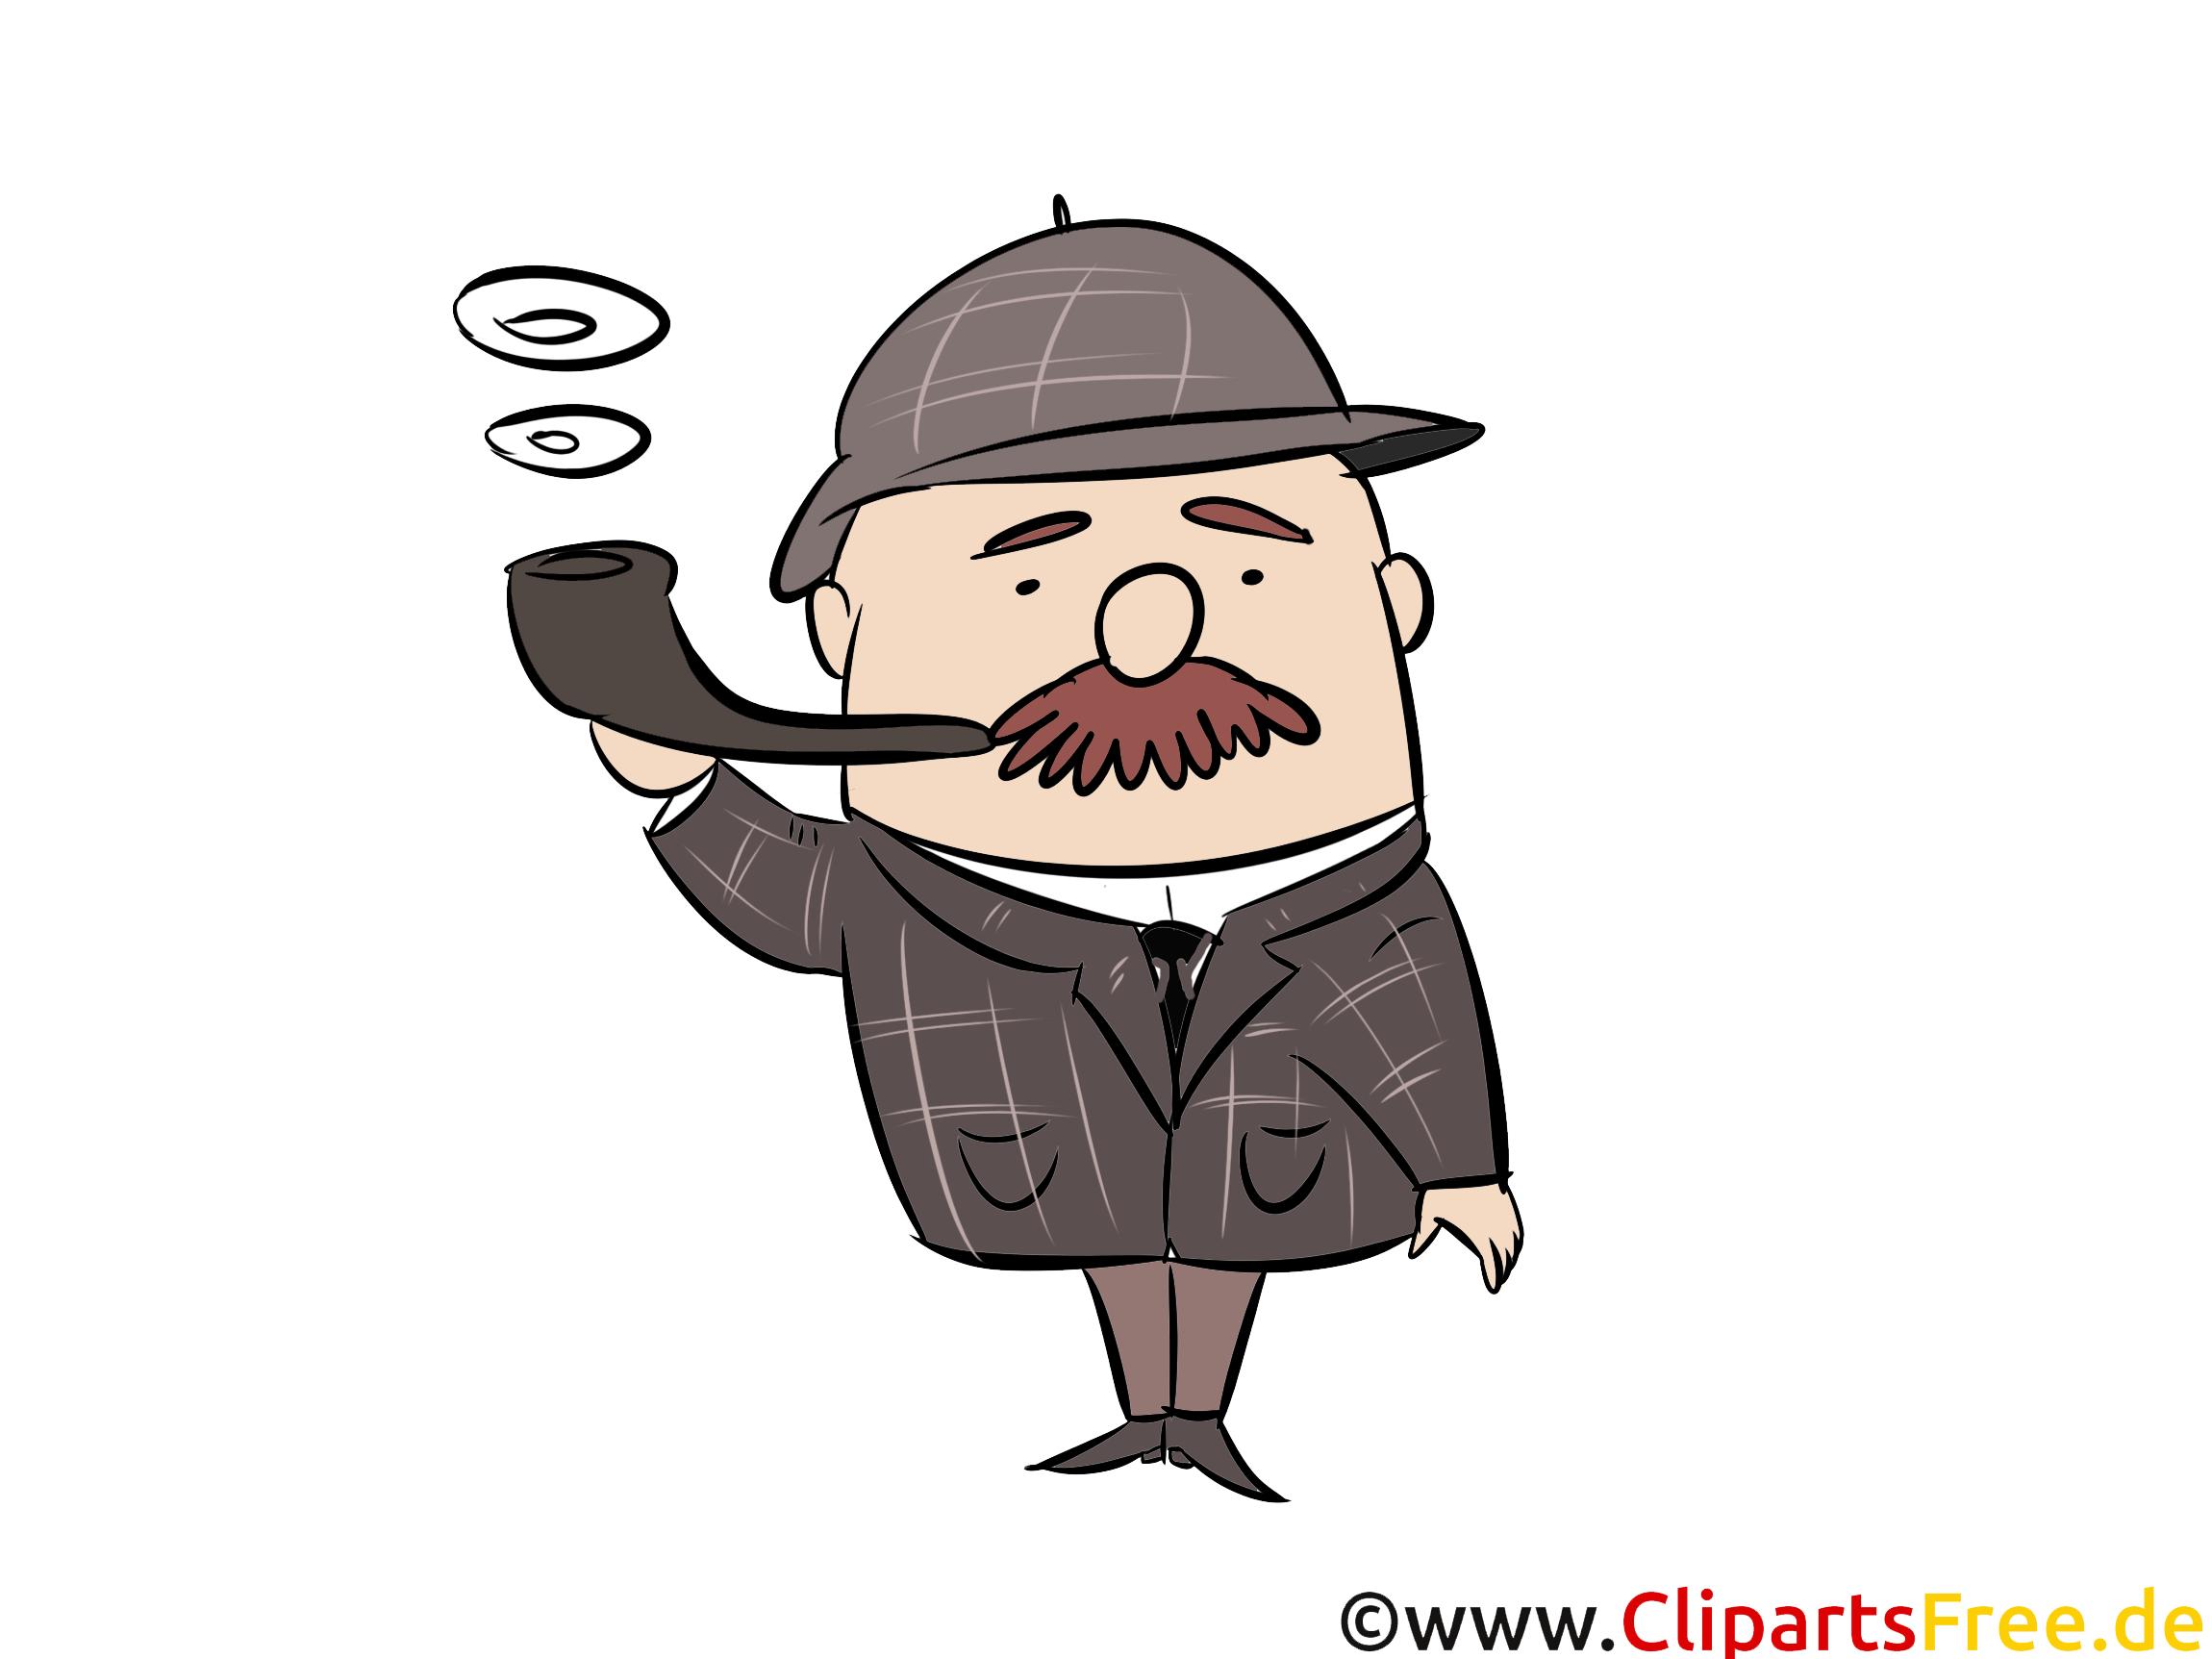 シャーロックホームズのイラスト、コミック、漫画